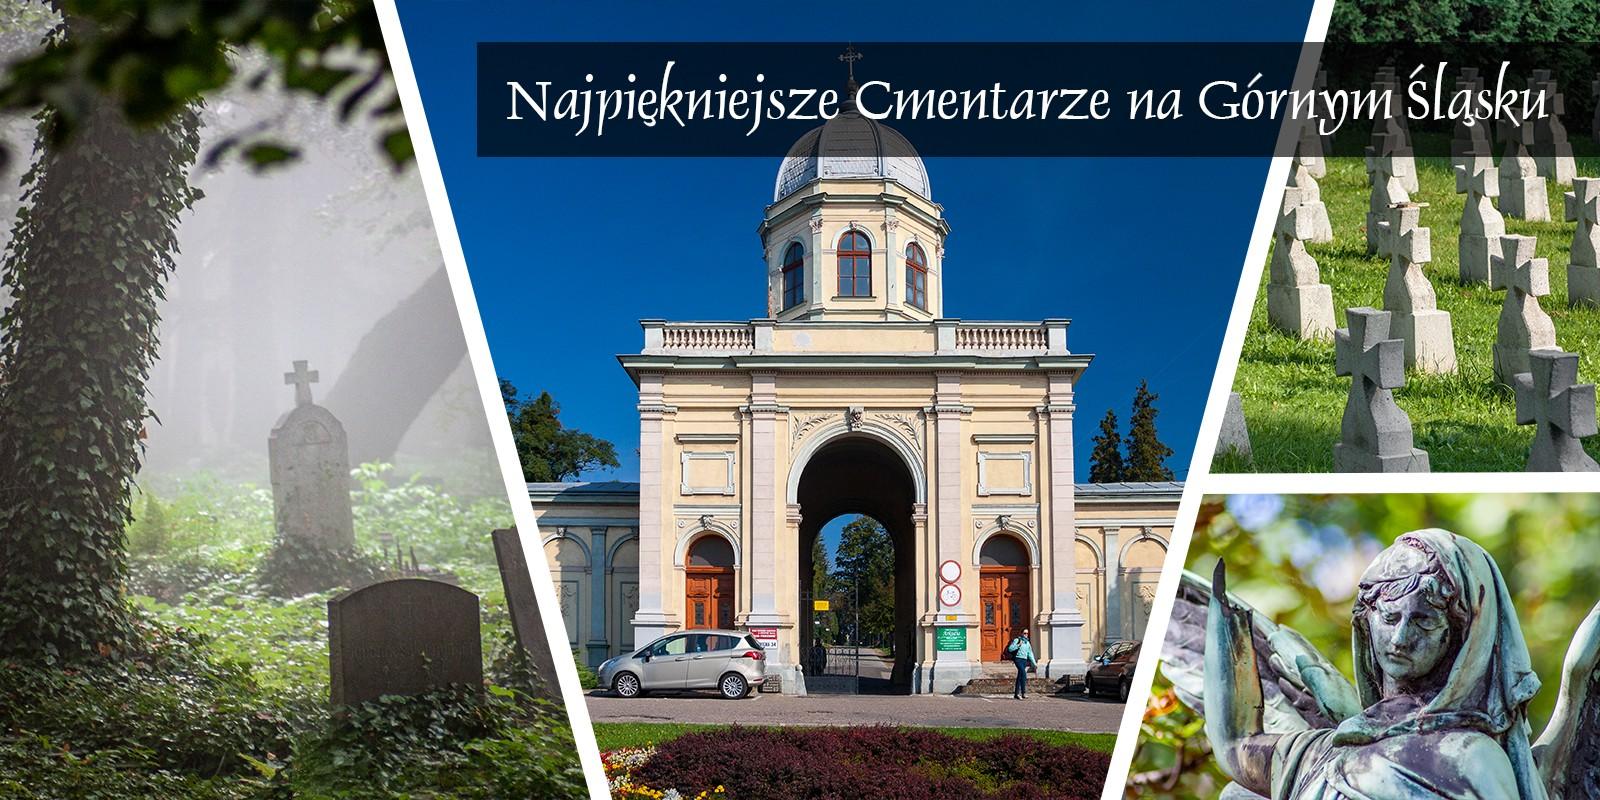 Cmentarze Górny Śląsk Cmentarz nekropiloia Katowice Bytom Żory Bielsko Cieszyn Łambinowice Moszna